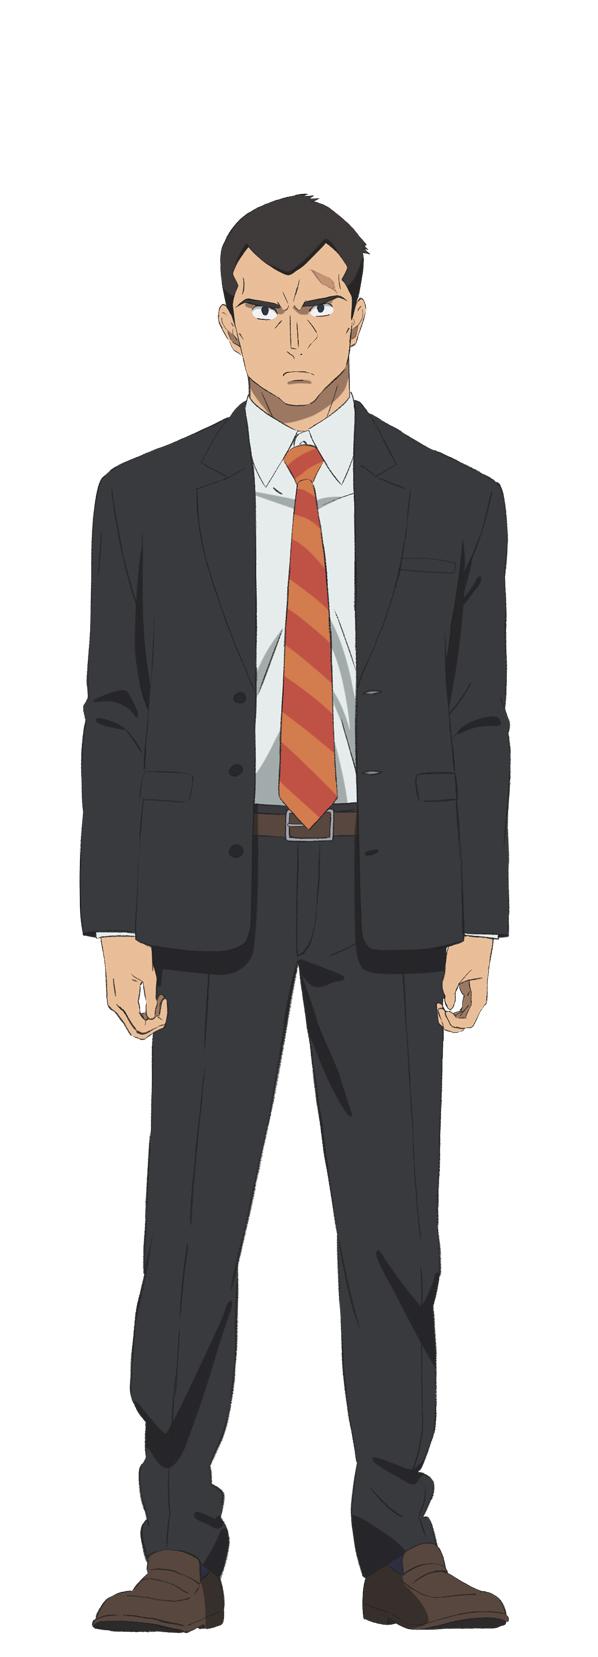 寺田刑事_キャラクタービジュアル (C)城平京・片瀬茶柴・講談社/虚構推理製作委員会